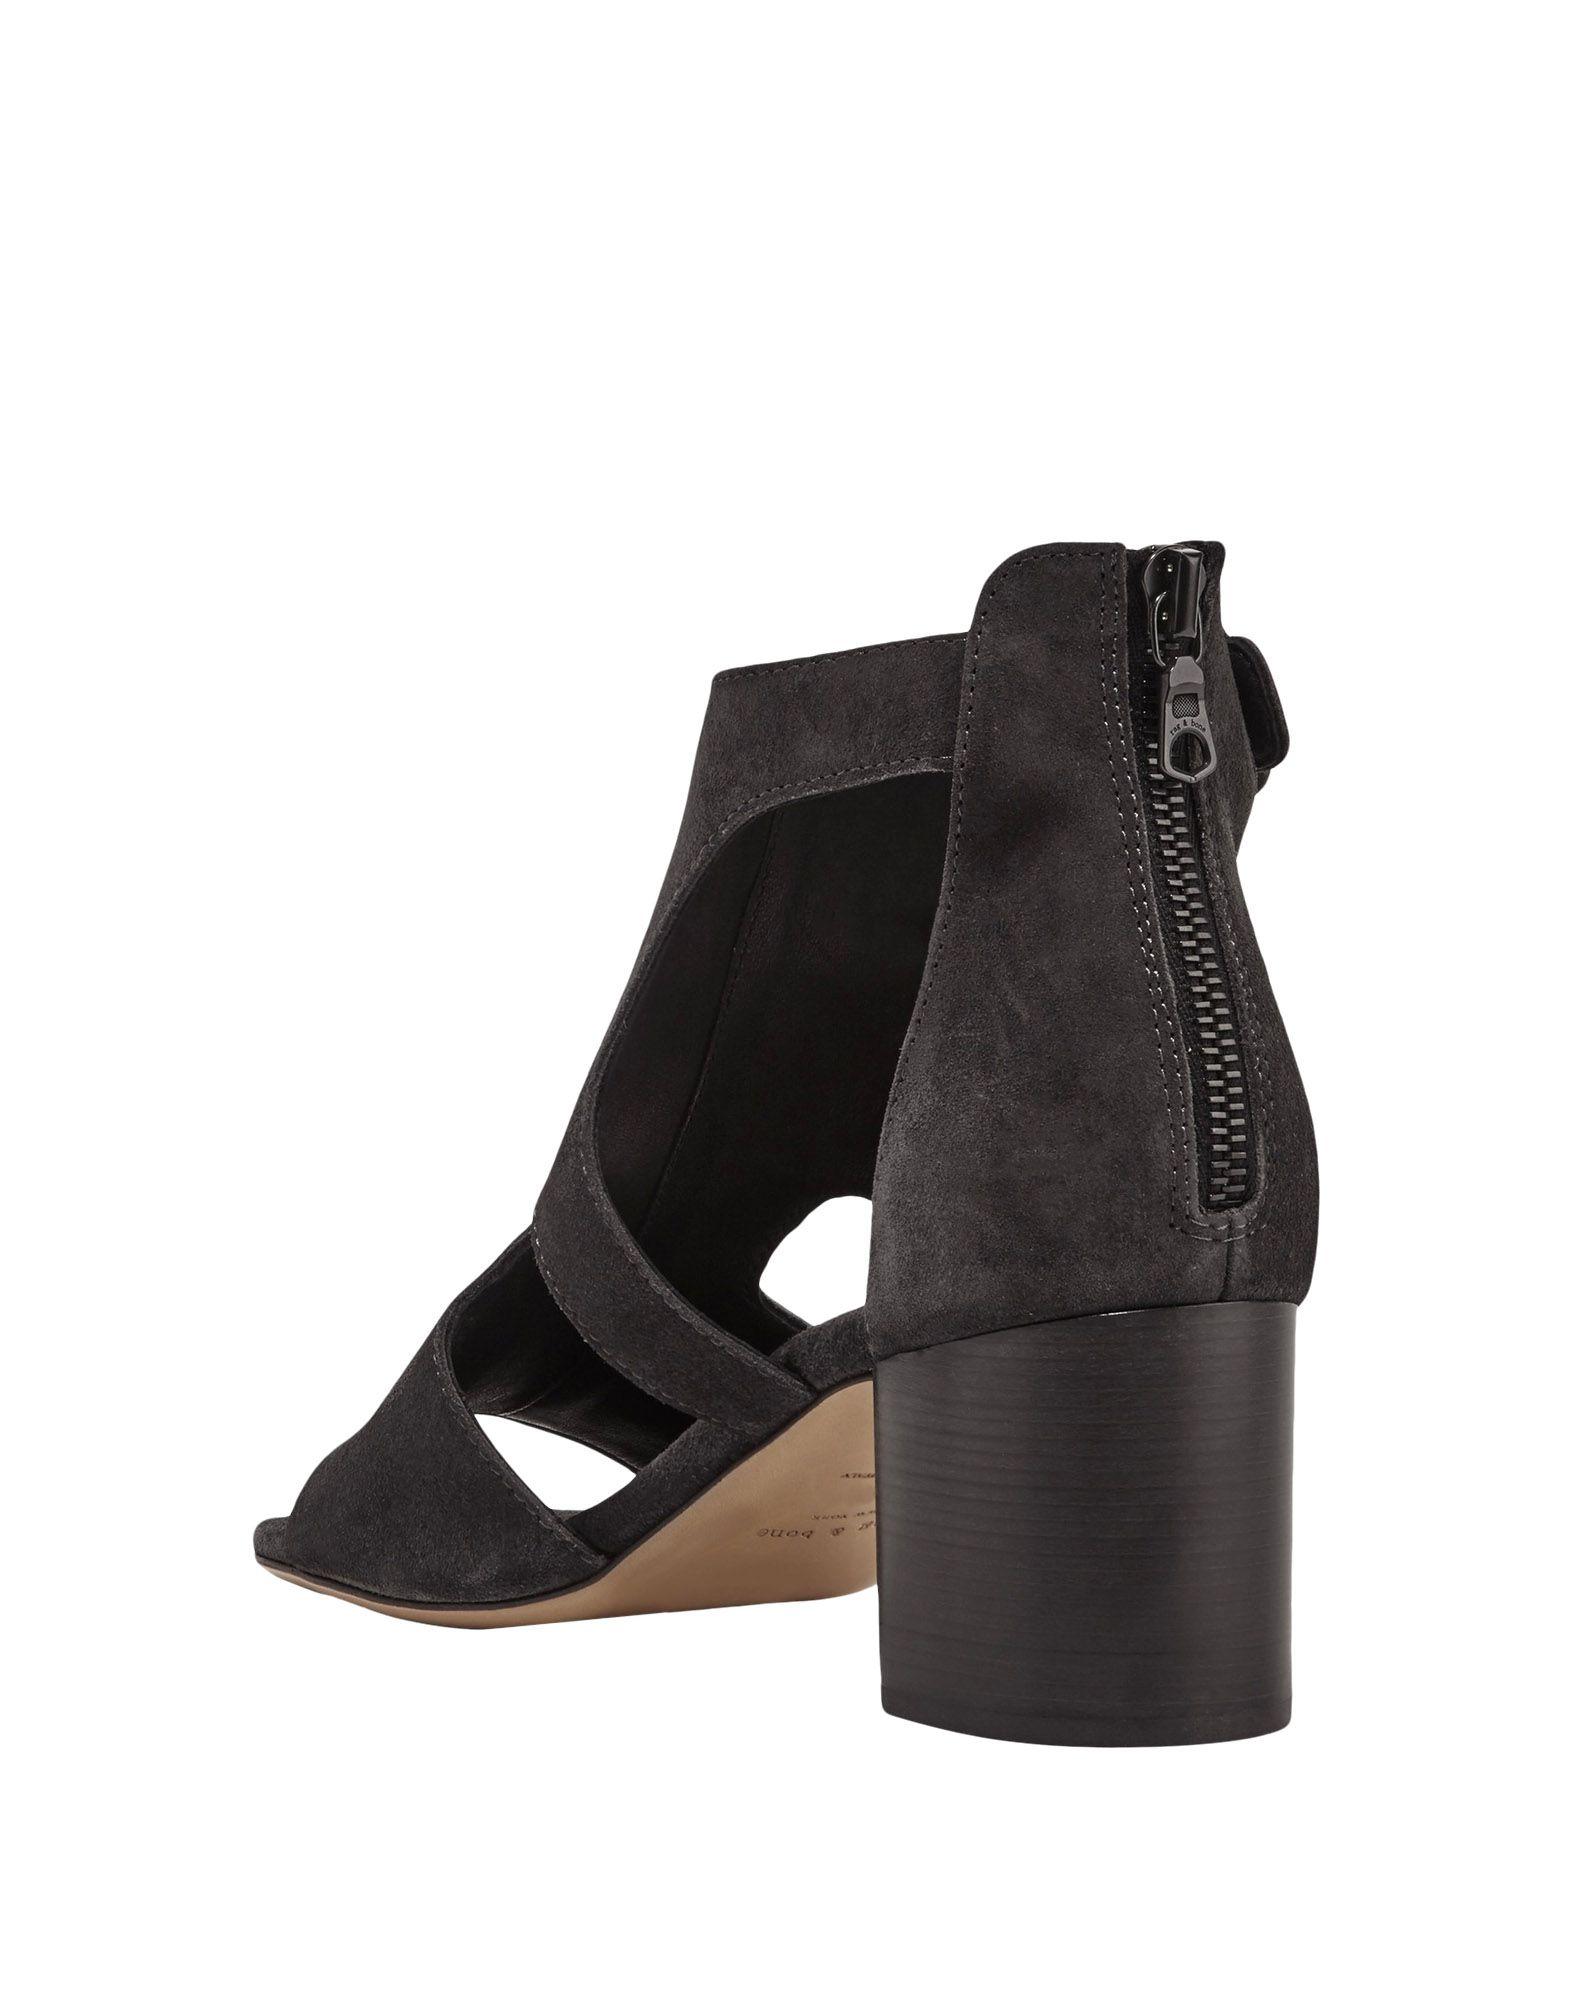 Rag & Bone Sandalen Damen Damen Damen  11529227PF Neue Schuhe cfacb8